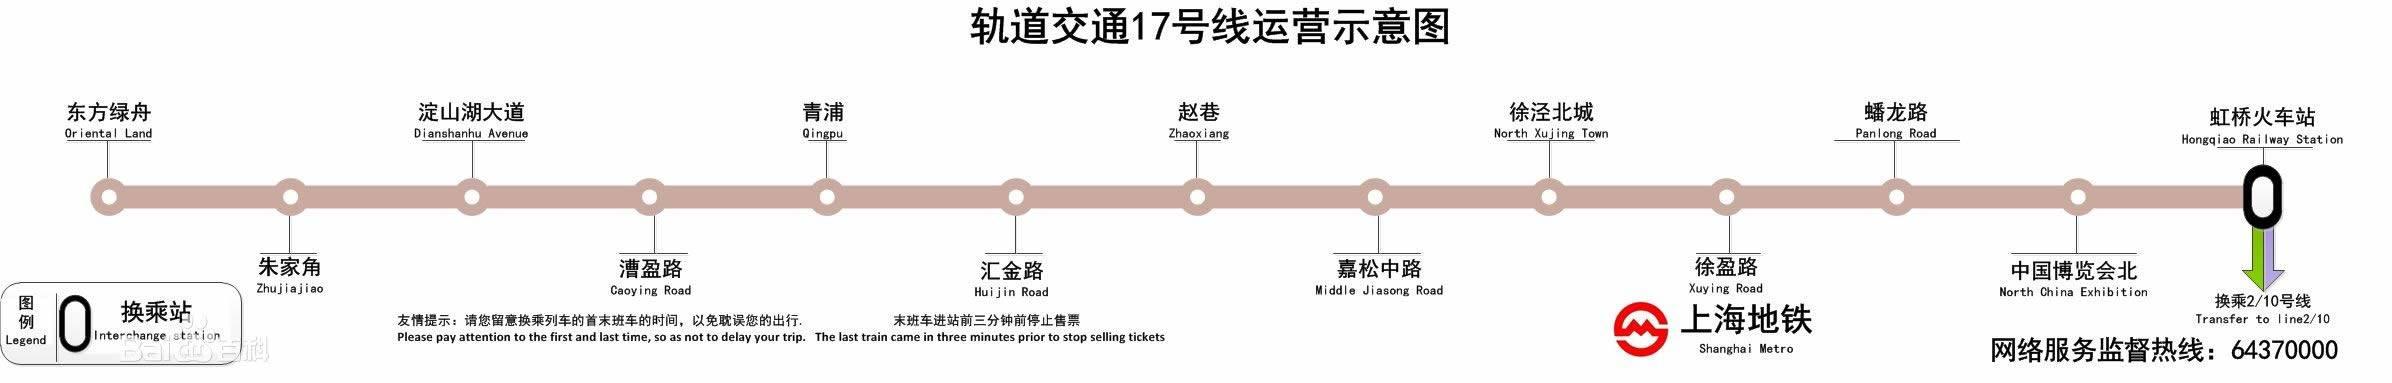 新葡新京地铁17号线运行线路示意图